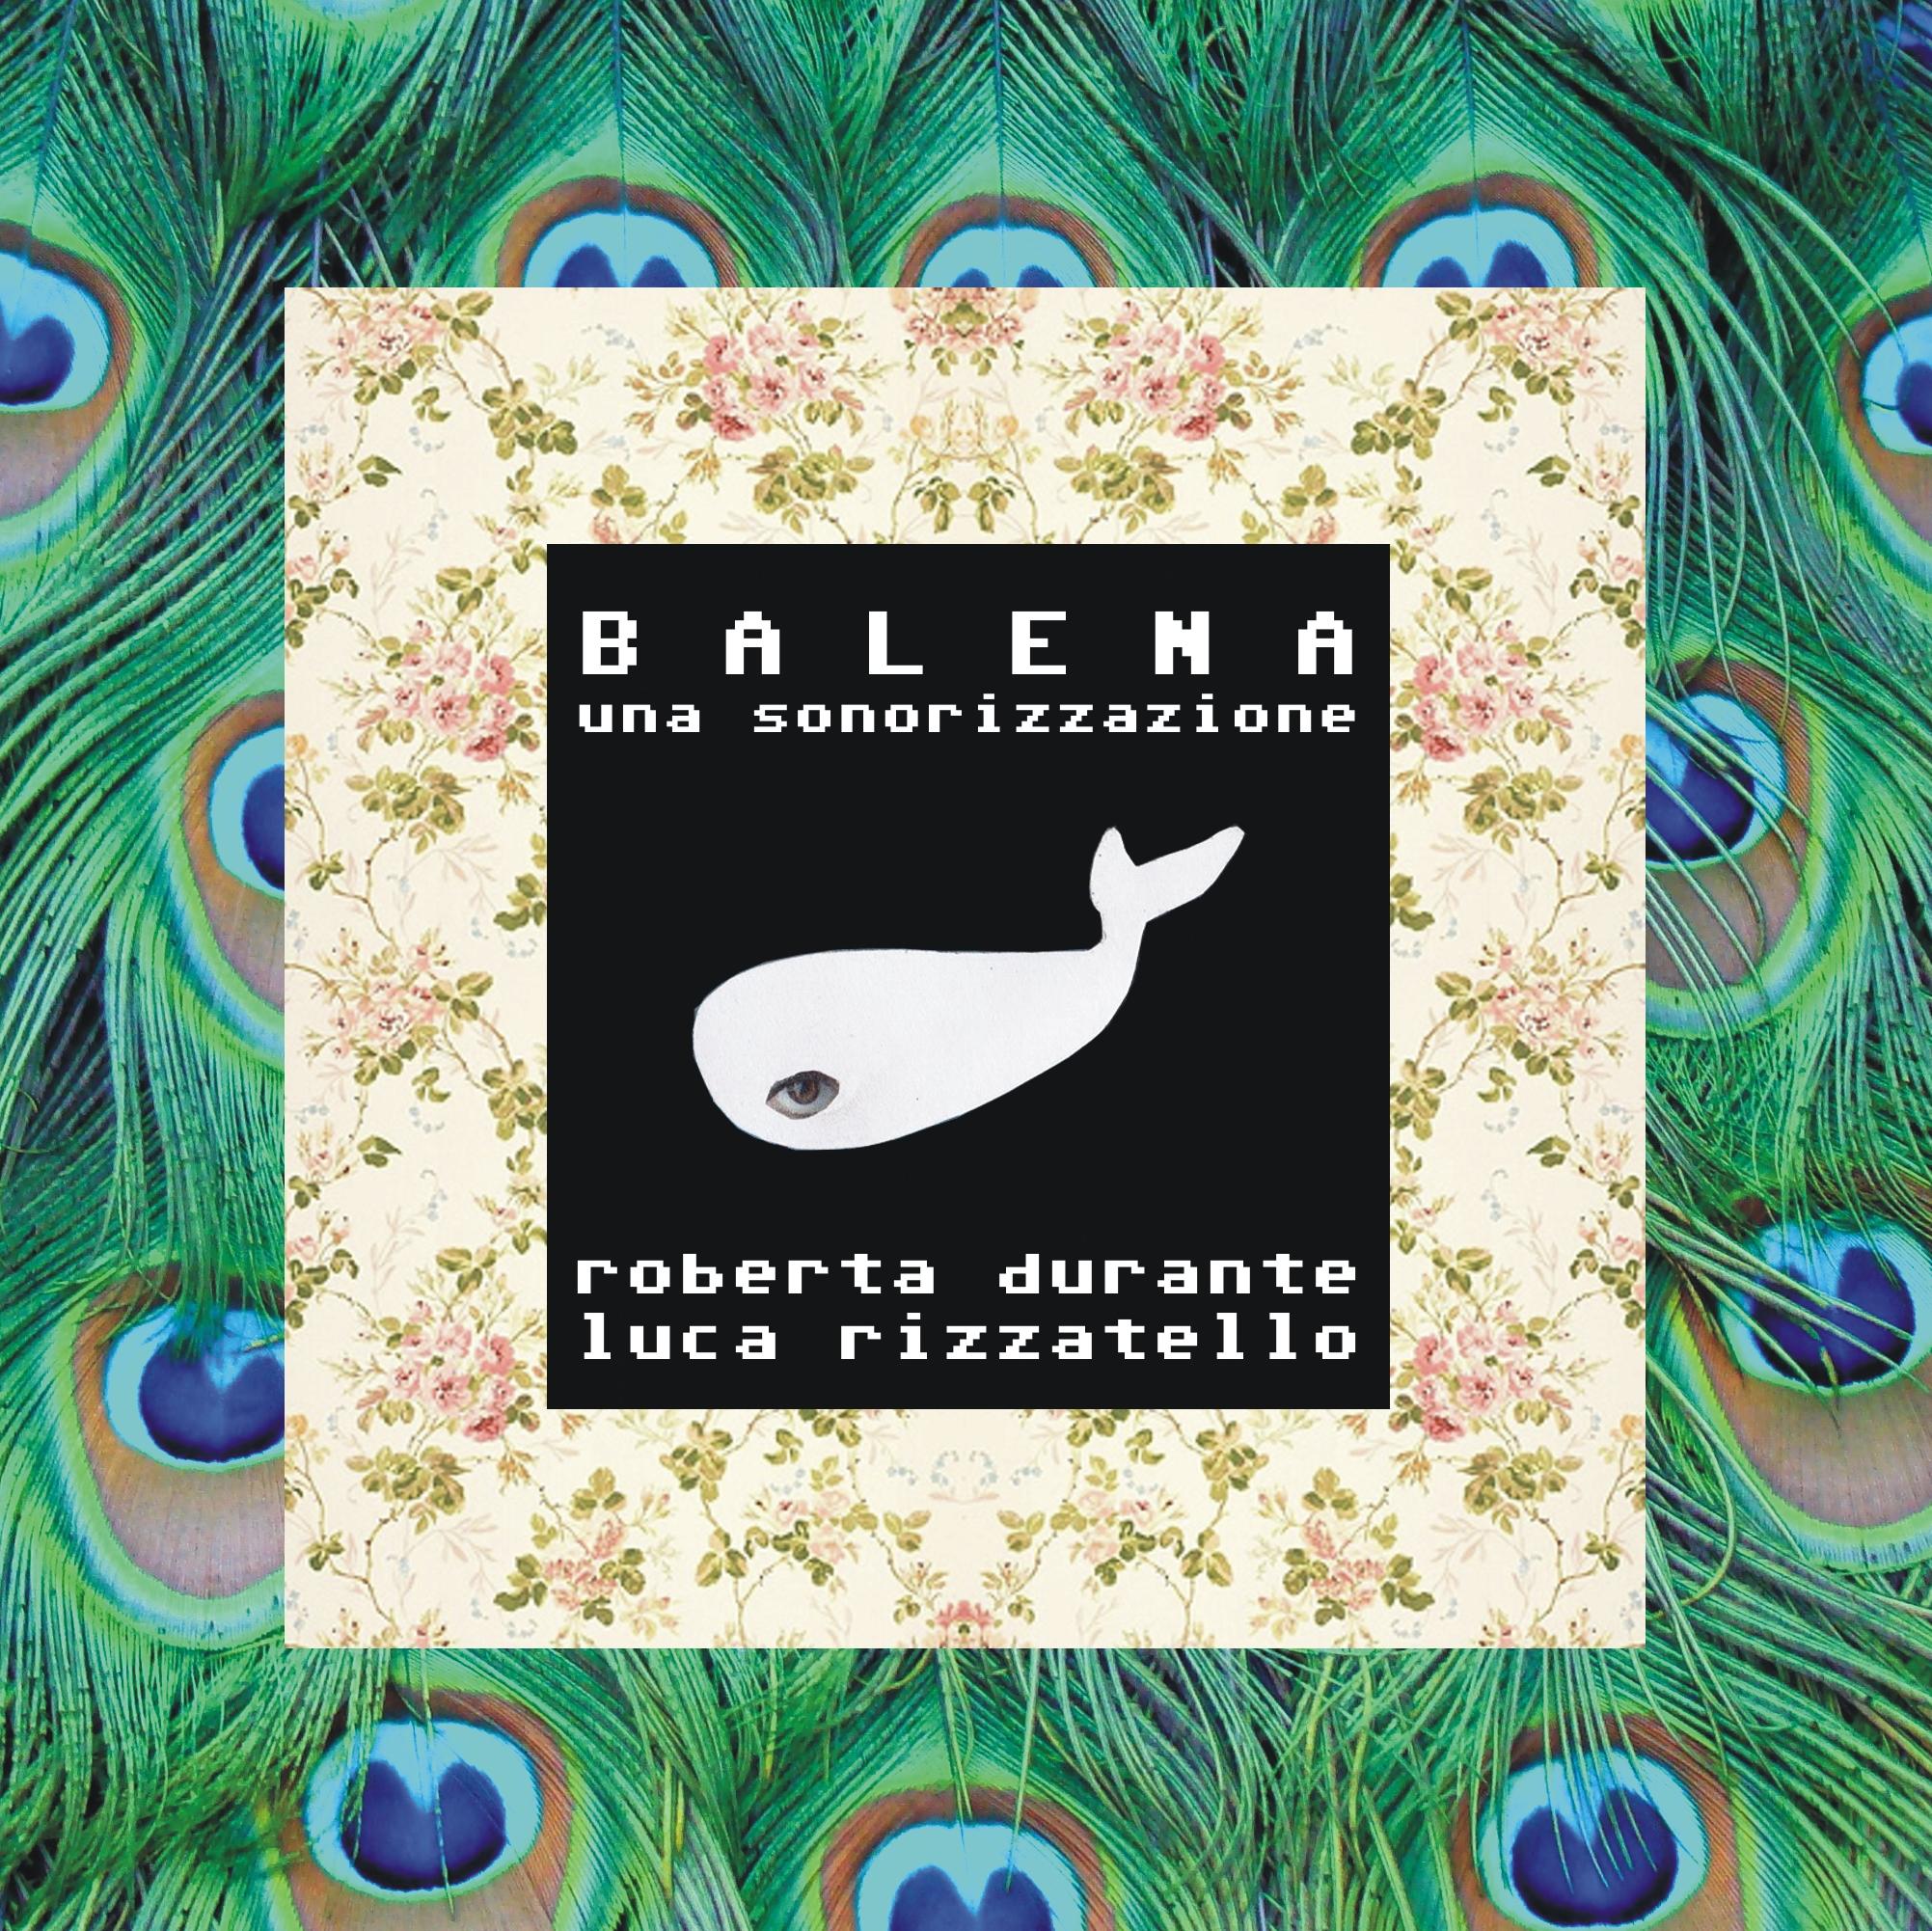 cover Balena sonorizzazione